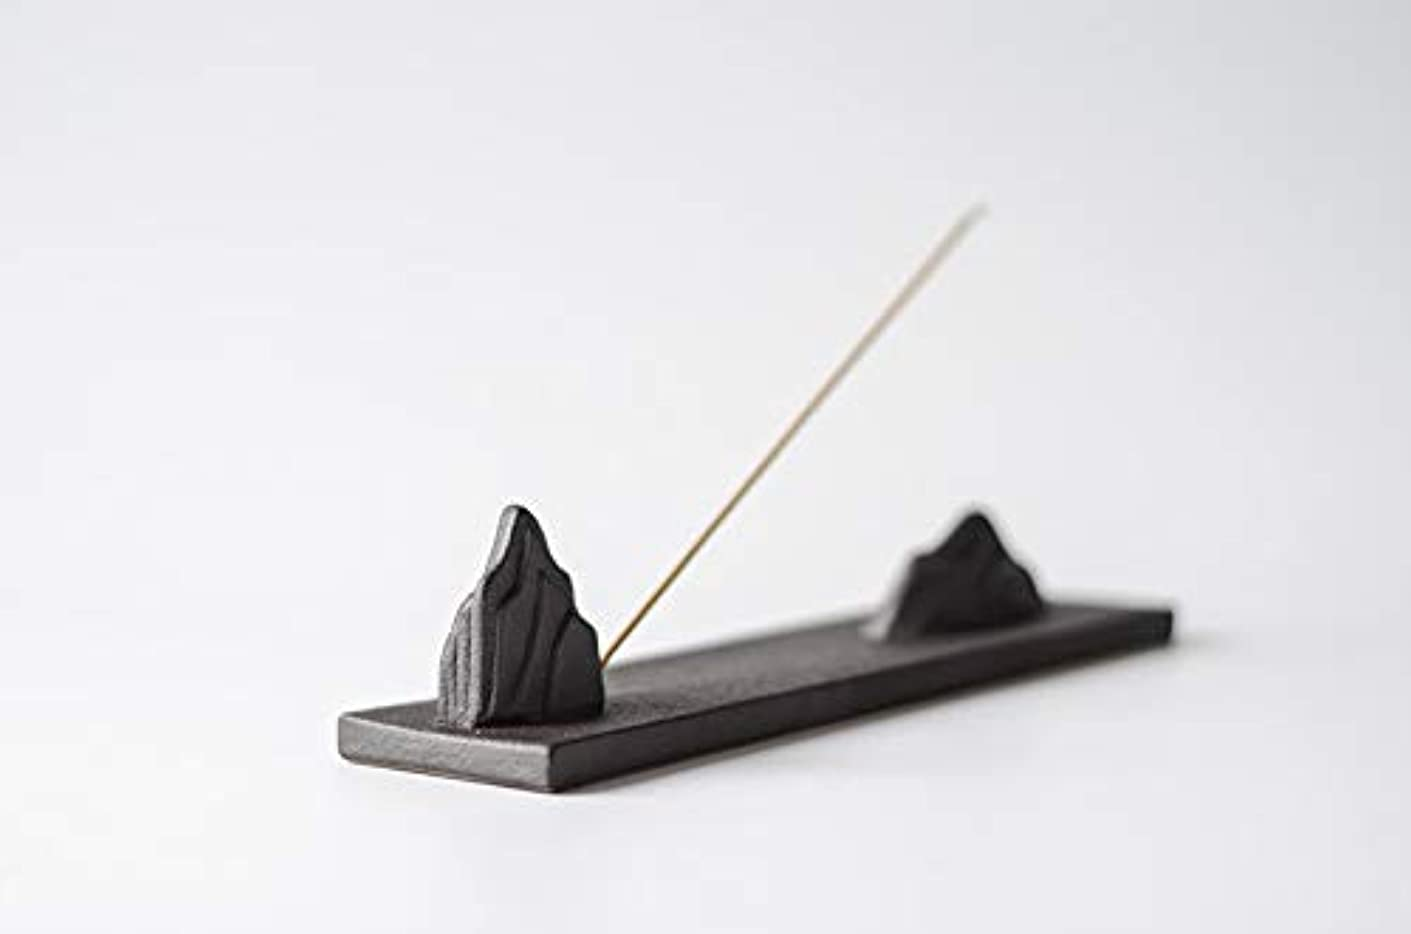 報酬数学的な効果的PHILOGOD 陶器香炉 ミニマリスト山水スタイリング線香立て 仏壇用香置物 香皿